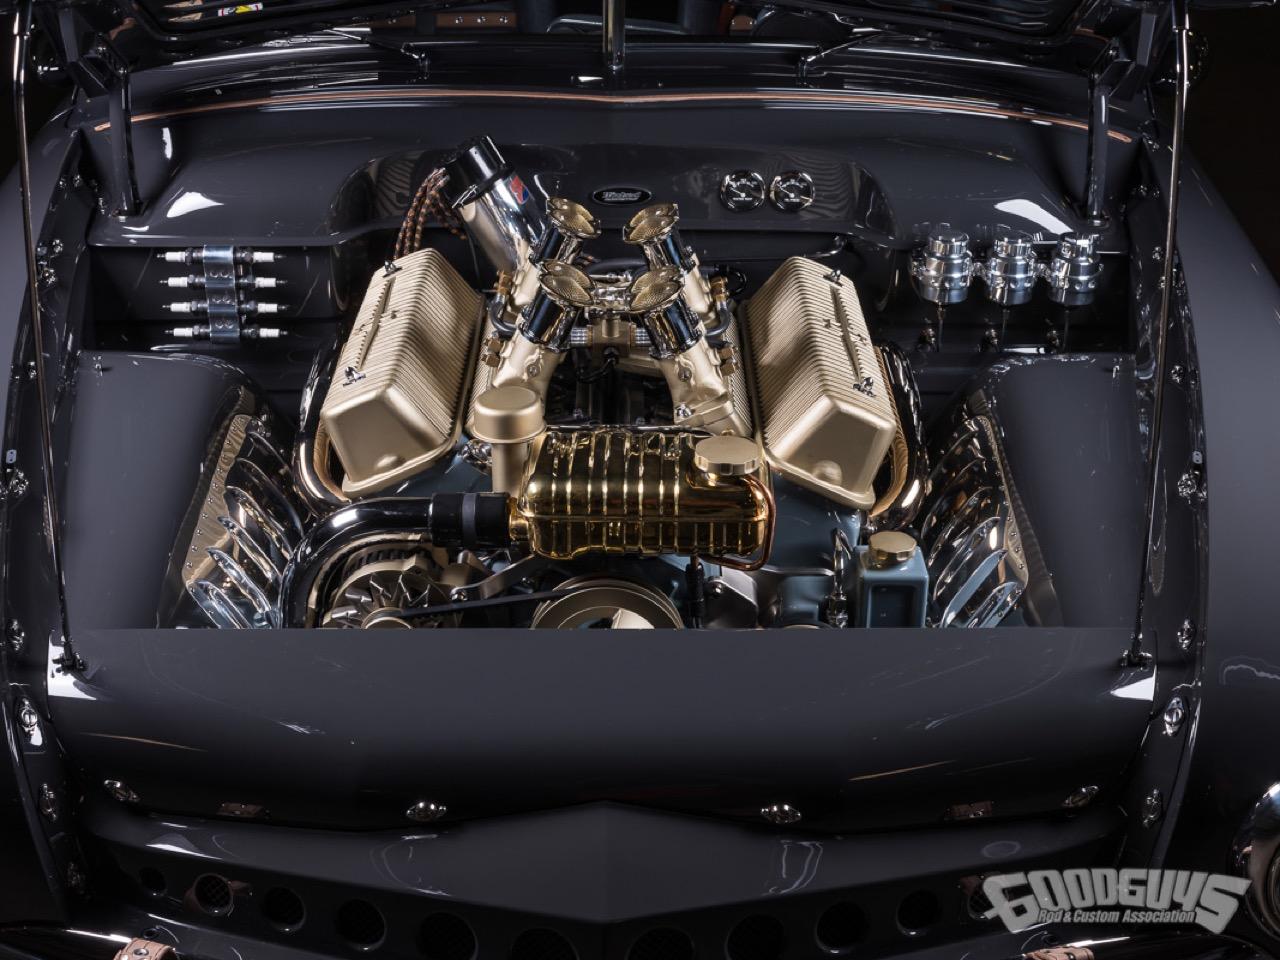 Bruce Leven's Ford 51 Custom - En 2017 le ROY, c'était lui ! 50